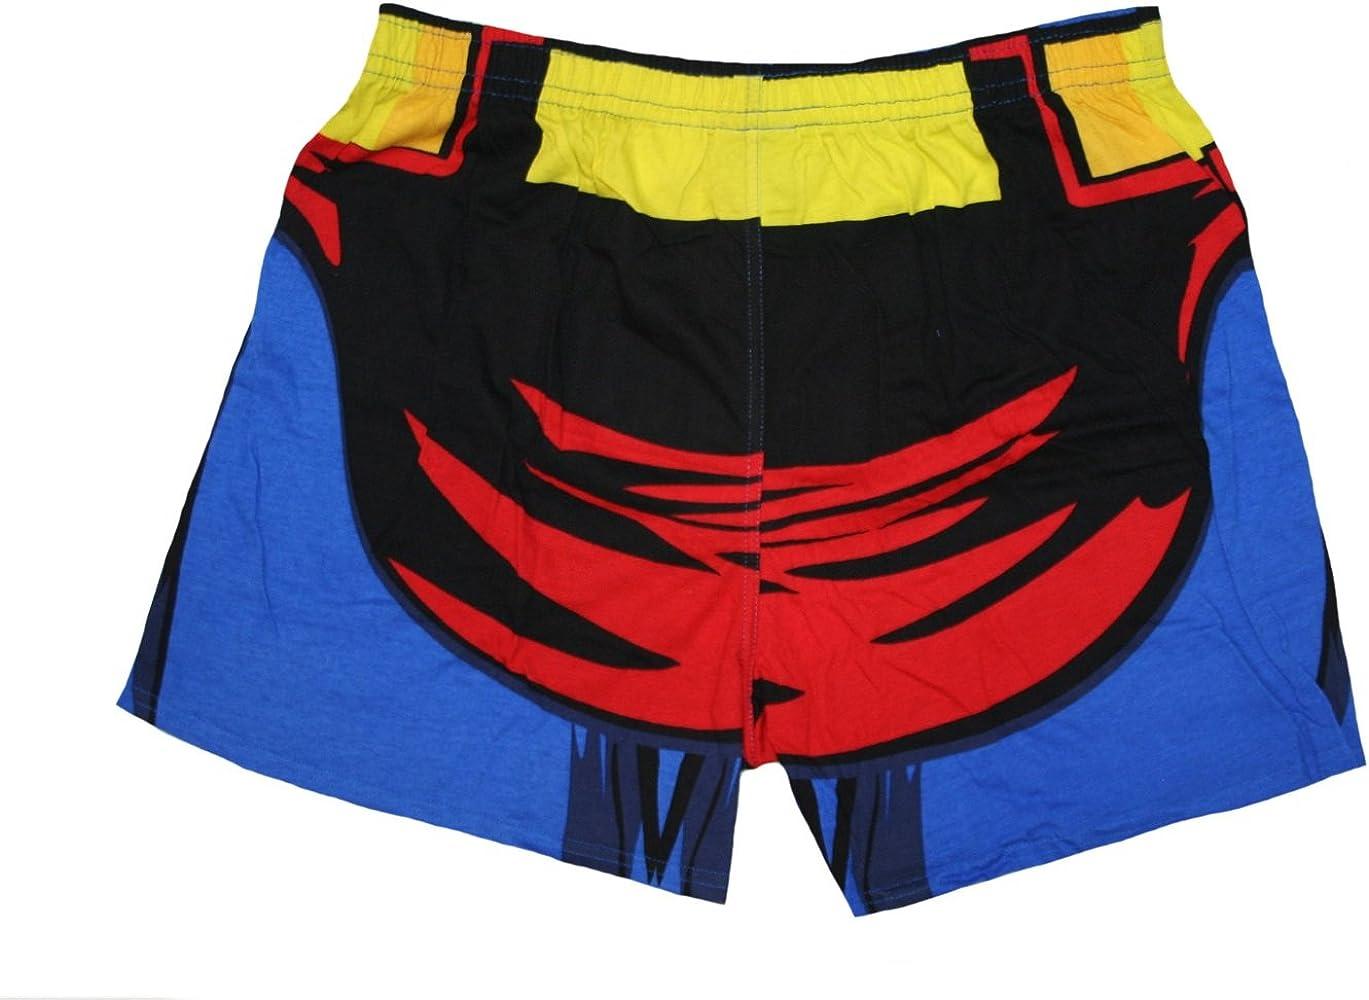 OPKSII Superman Logo Boxer Briefs Mens Underwear Pack Seamless Comfort Soft